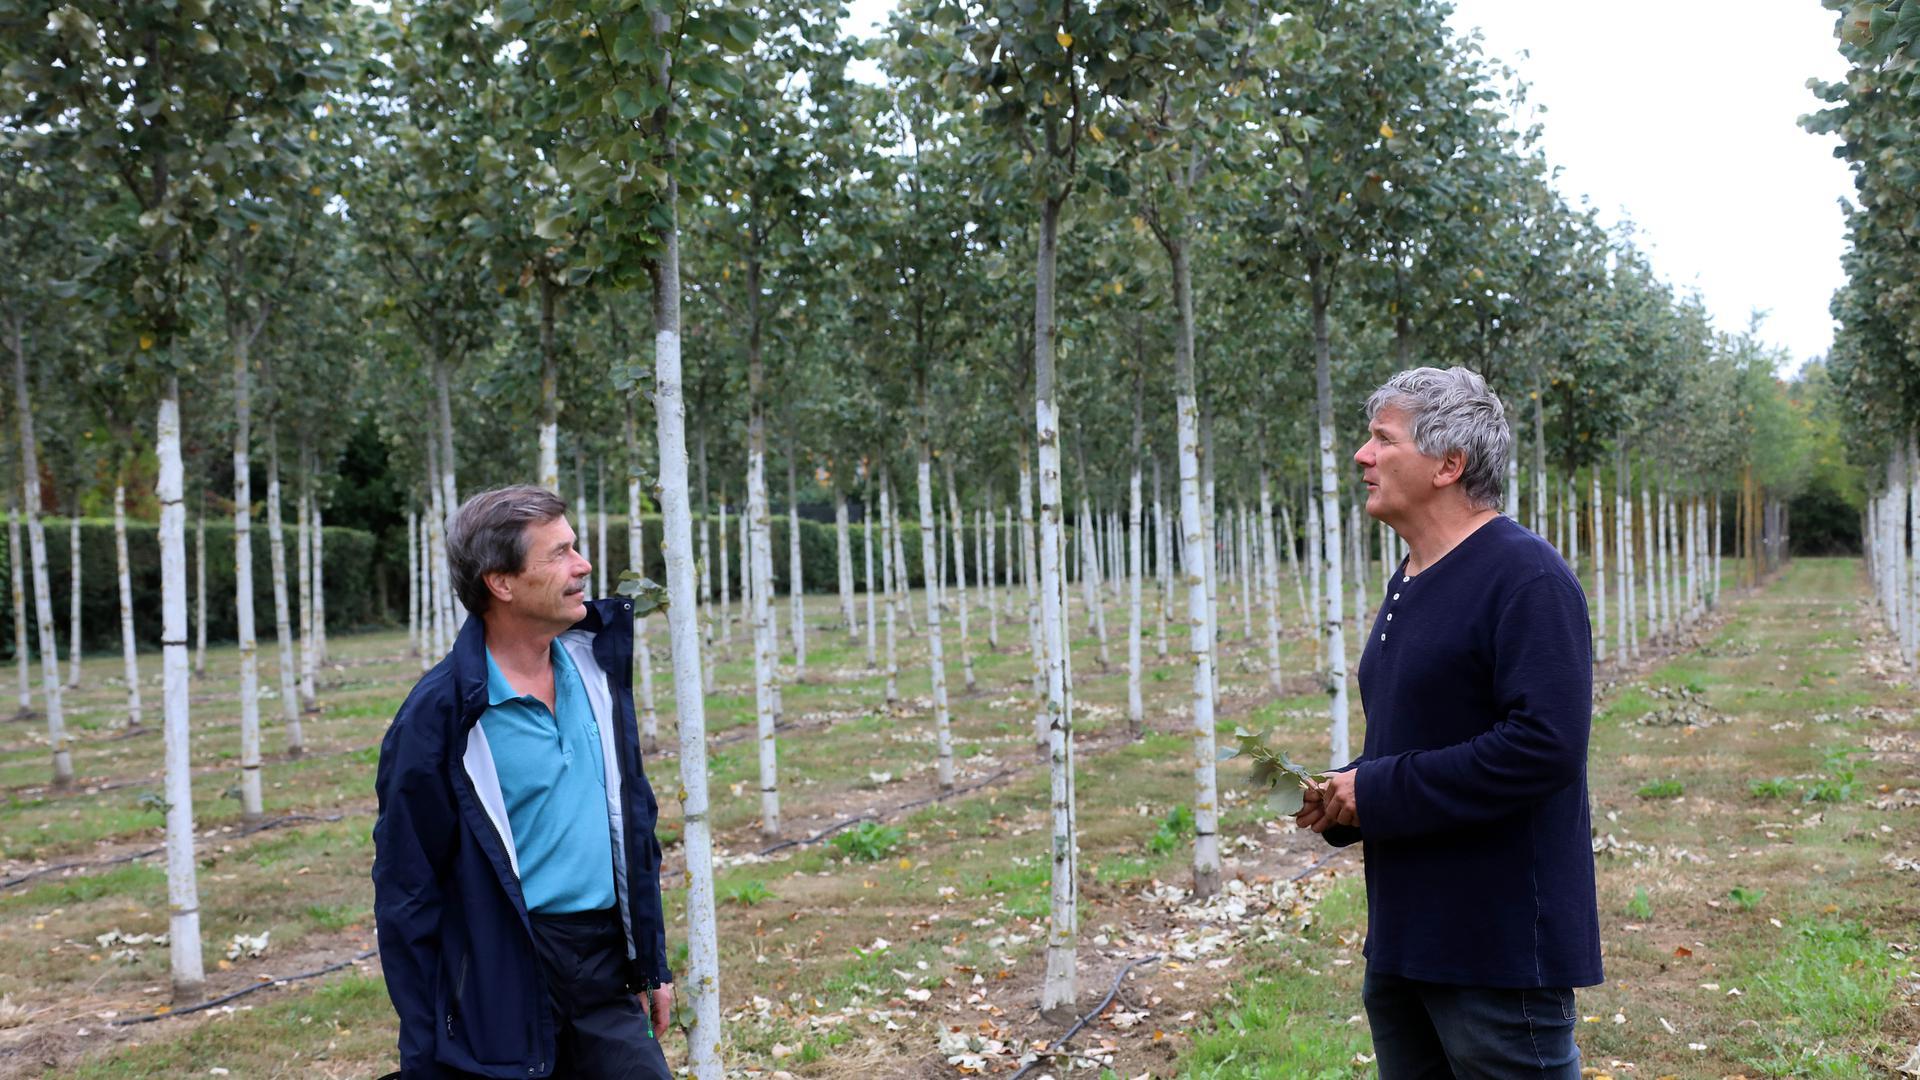 In der Baumschule: Die jungen Silberlinden stehen für das Verpflanzen von der Stadtgärtnerei an die Kriegsstraße bereit. Gärtnermeister Andres Ehmer (rechts)  hat sie erzogen, Walter Burg leitet die Grünplanung für den Stadtboulevard.